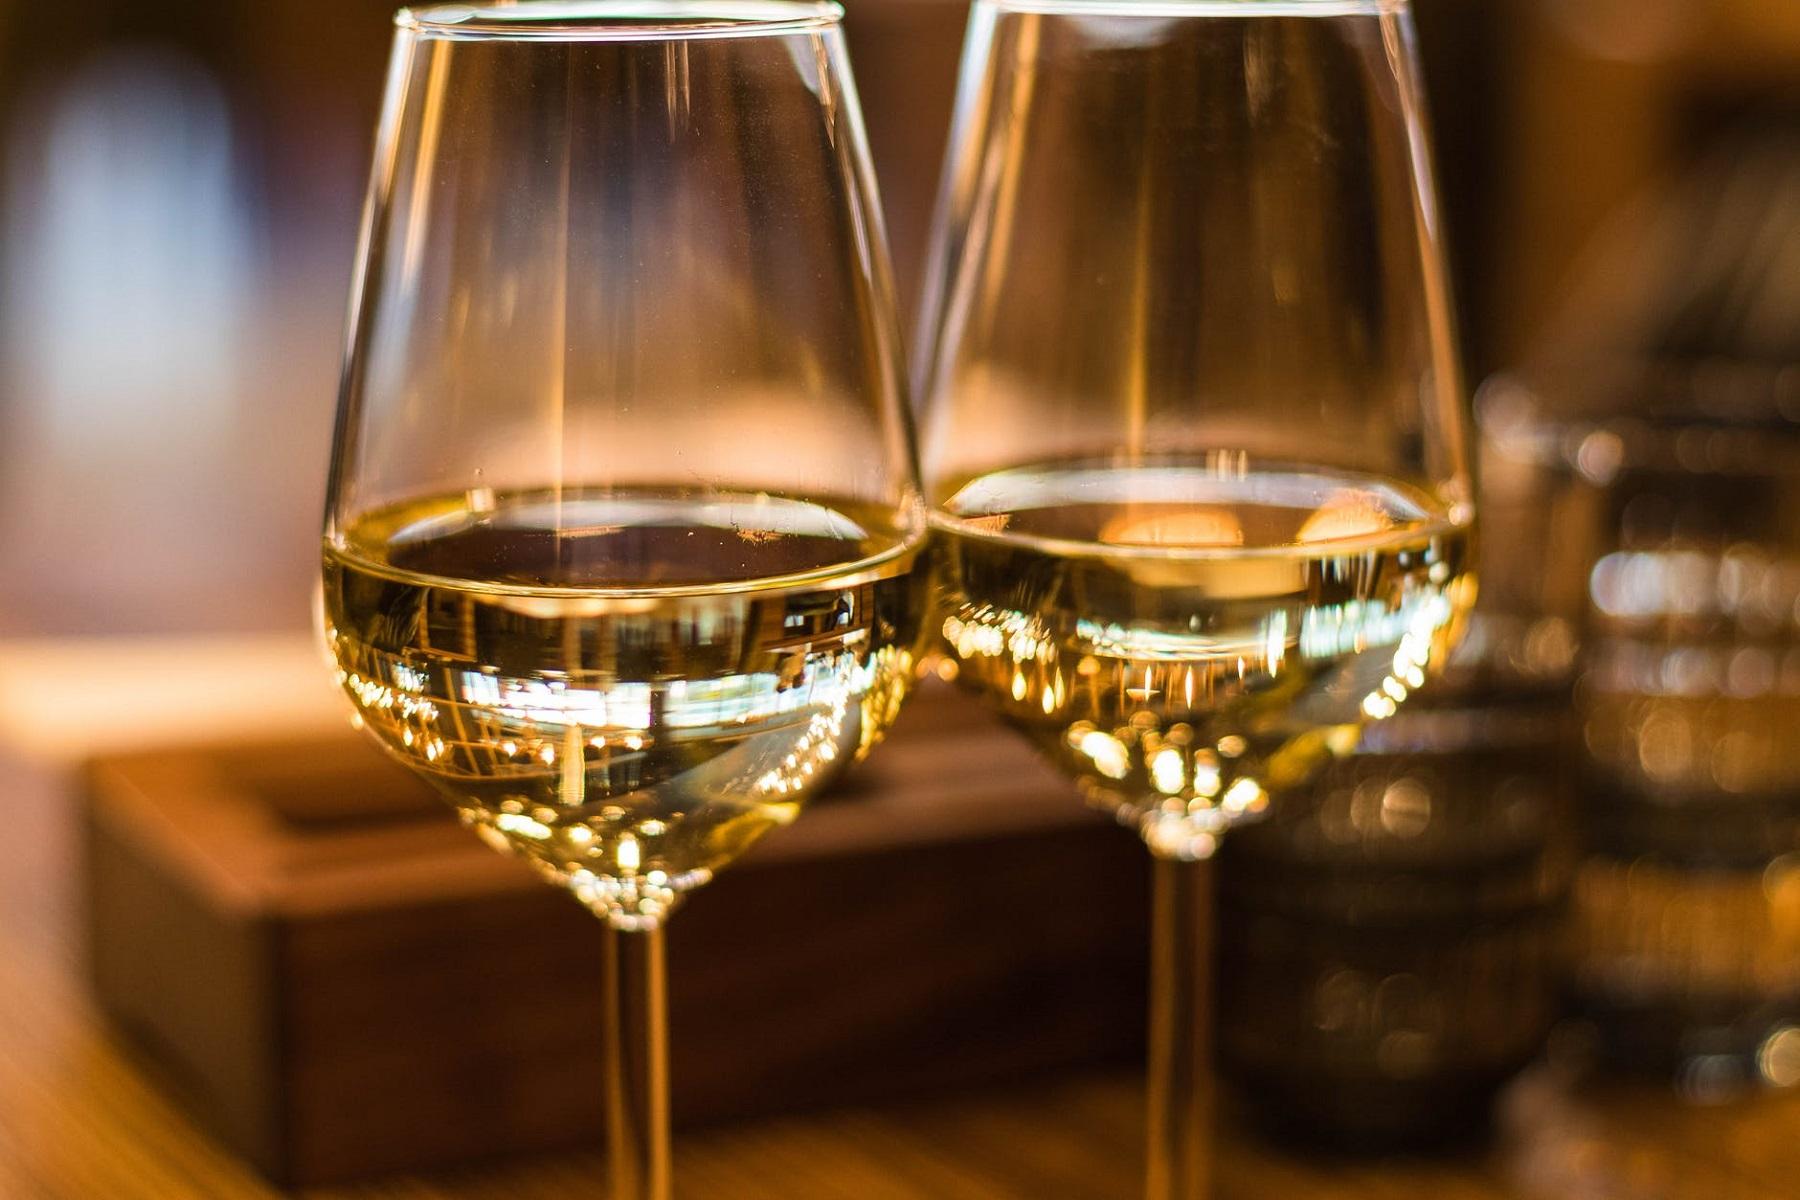 Ρόφημα Άνοια: Προστασία με ένα ποτό